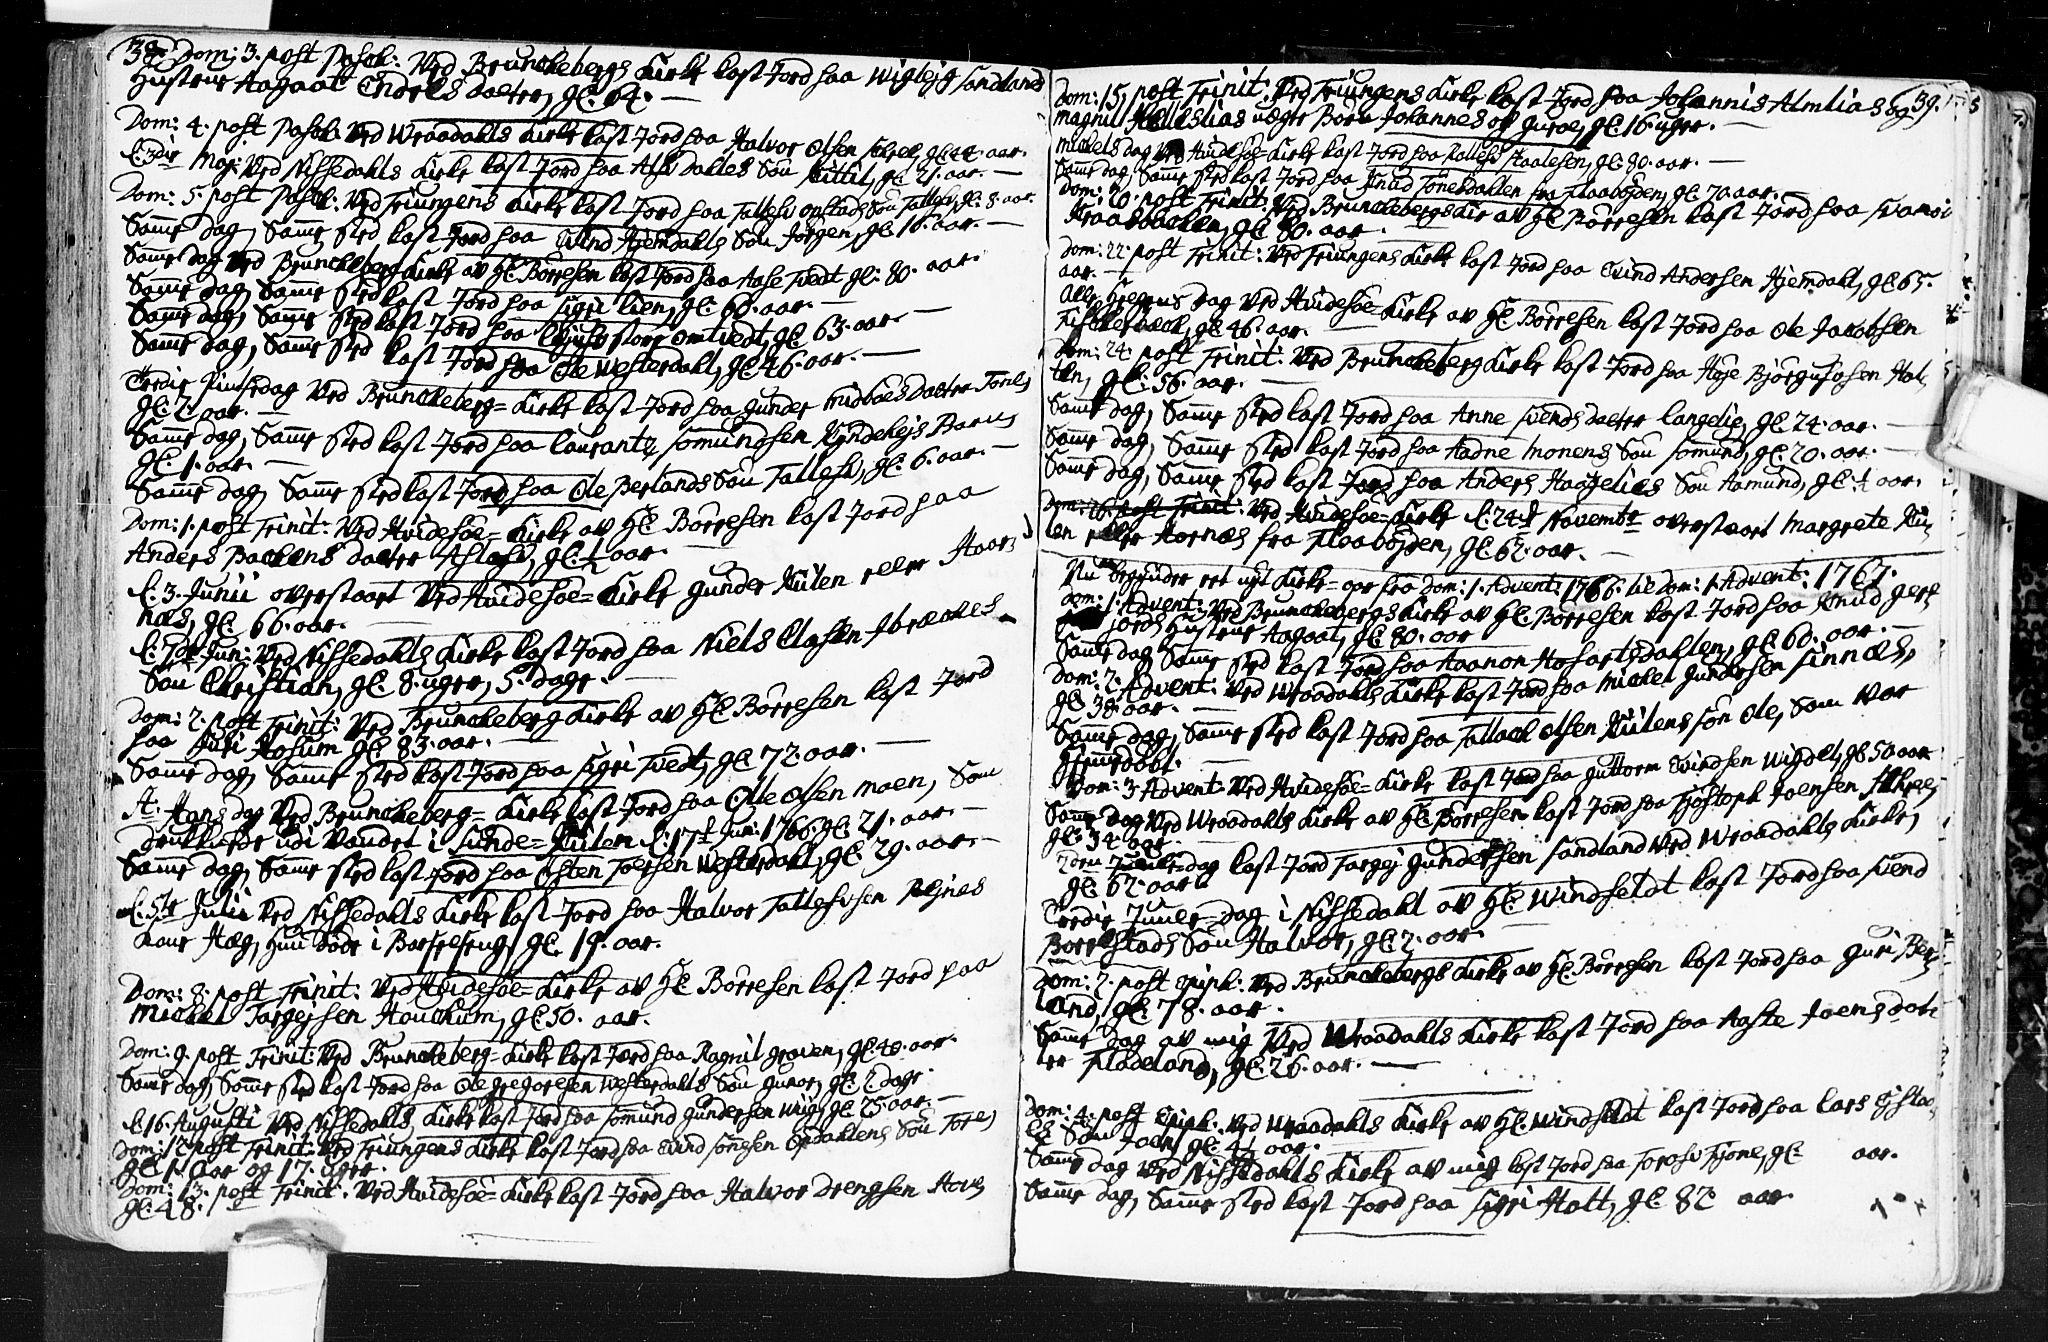 SAKO, Kviteseid kirkebøker, F/Fa/L0001: Ministerialbok nr. I 1, 1754-1773, s. 38-39